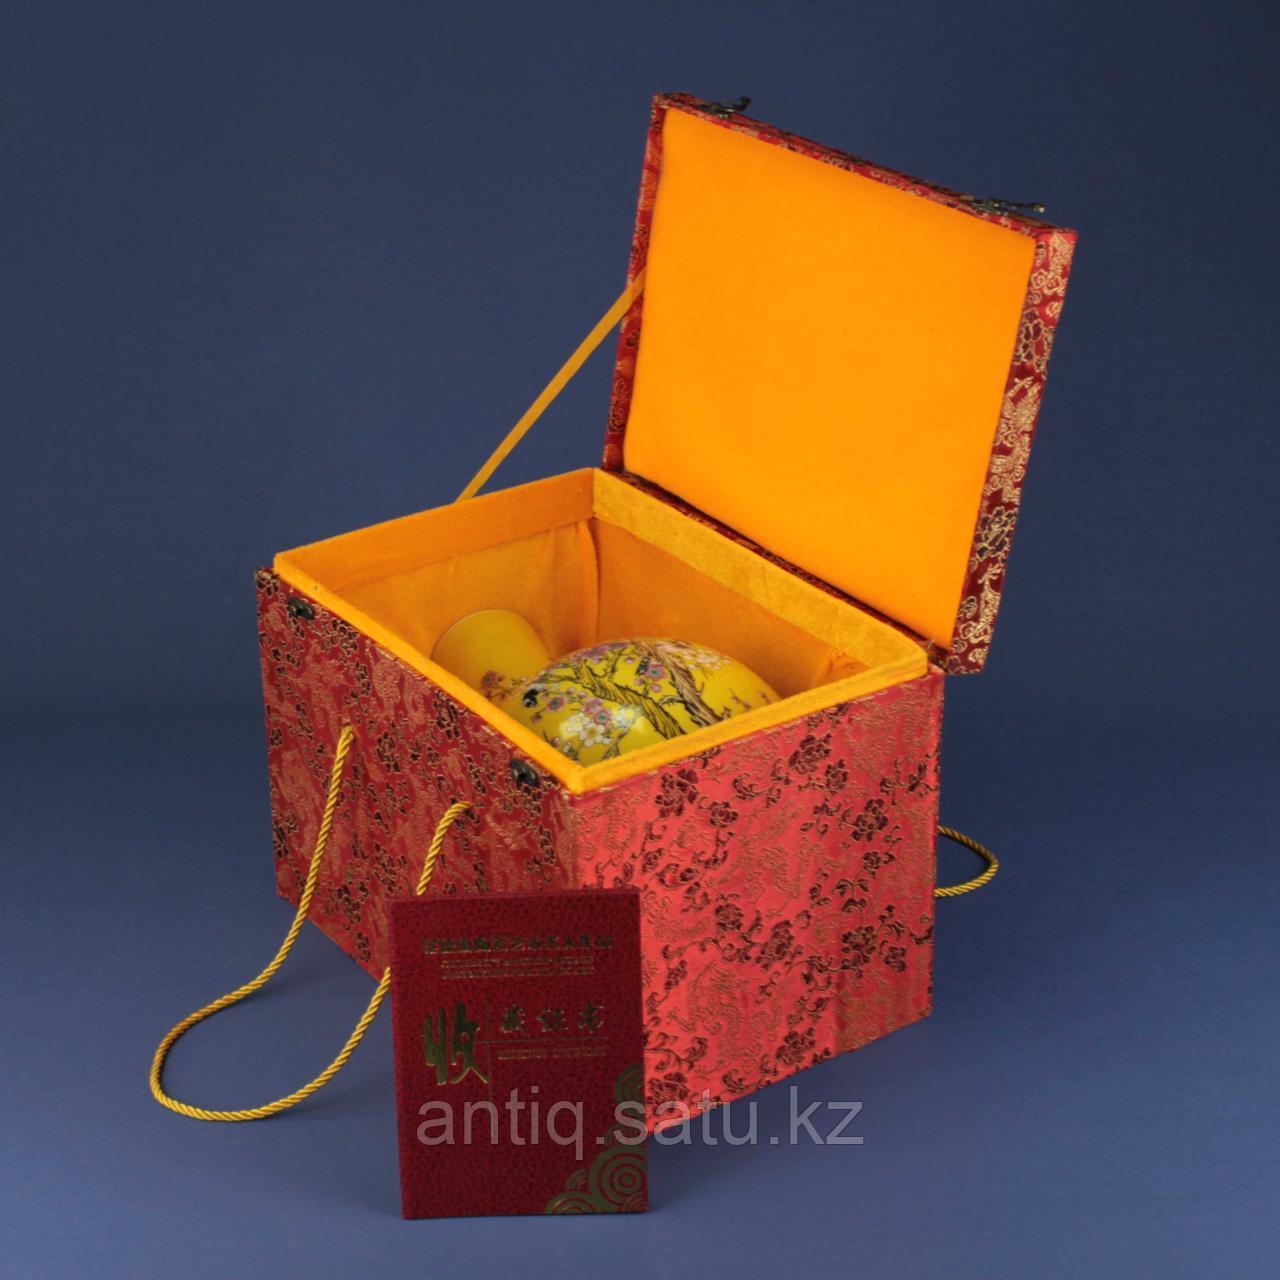 Коллекционная ваза с сертификатом. - фото 2